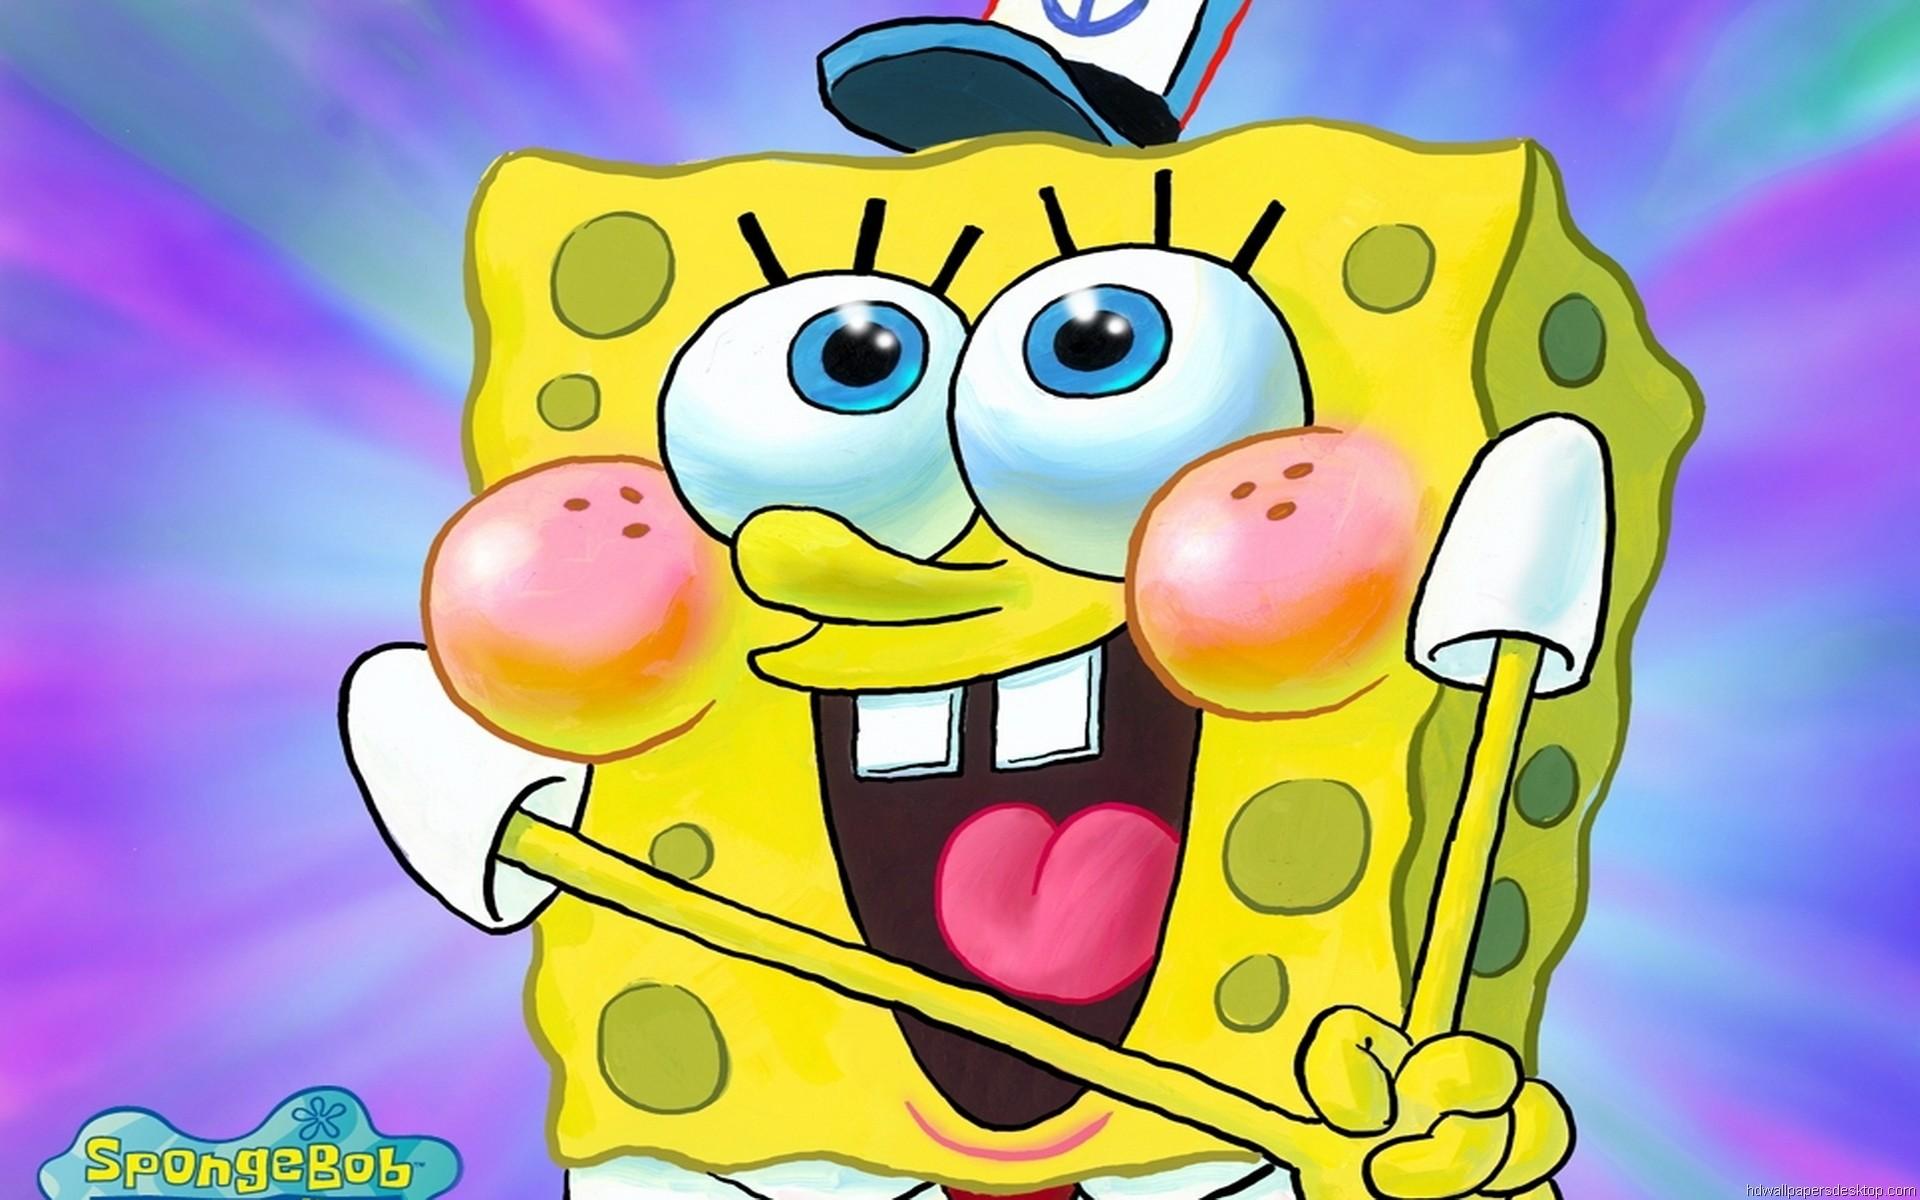 Cute Spongebob Cartoon Wallpaper Funny Spongebob Wallpaper 63 Images